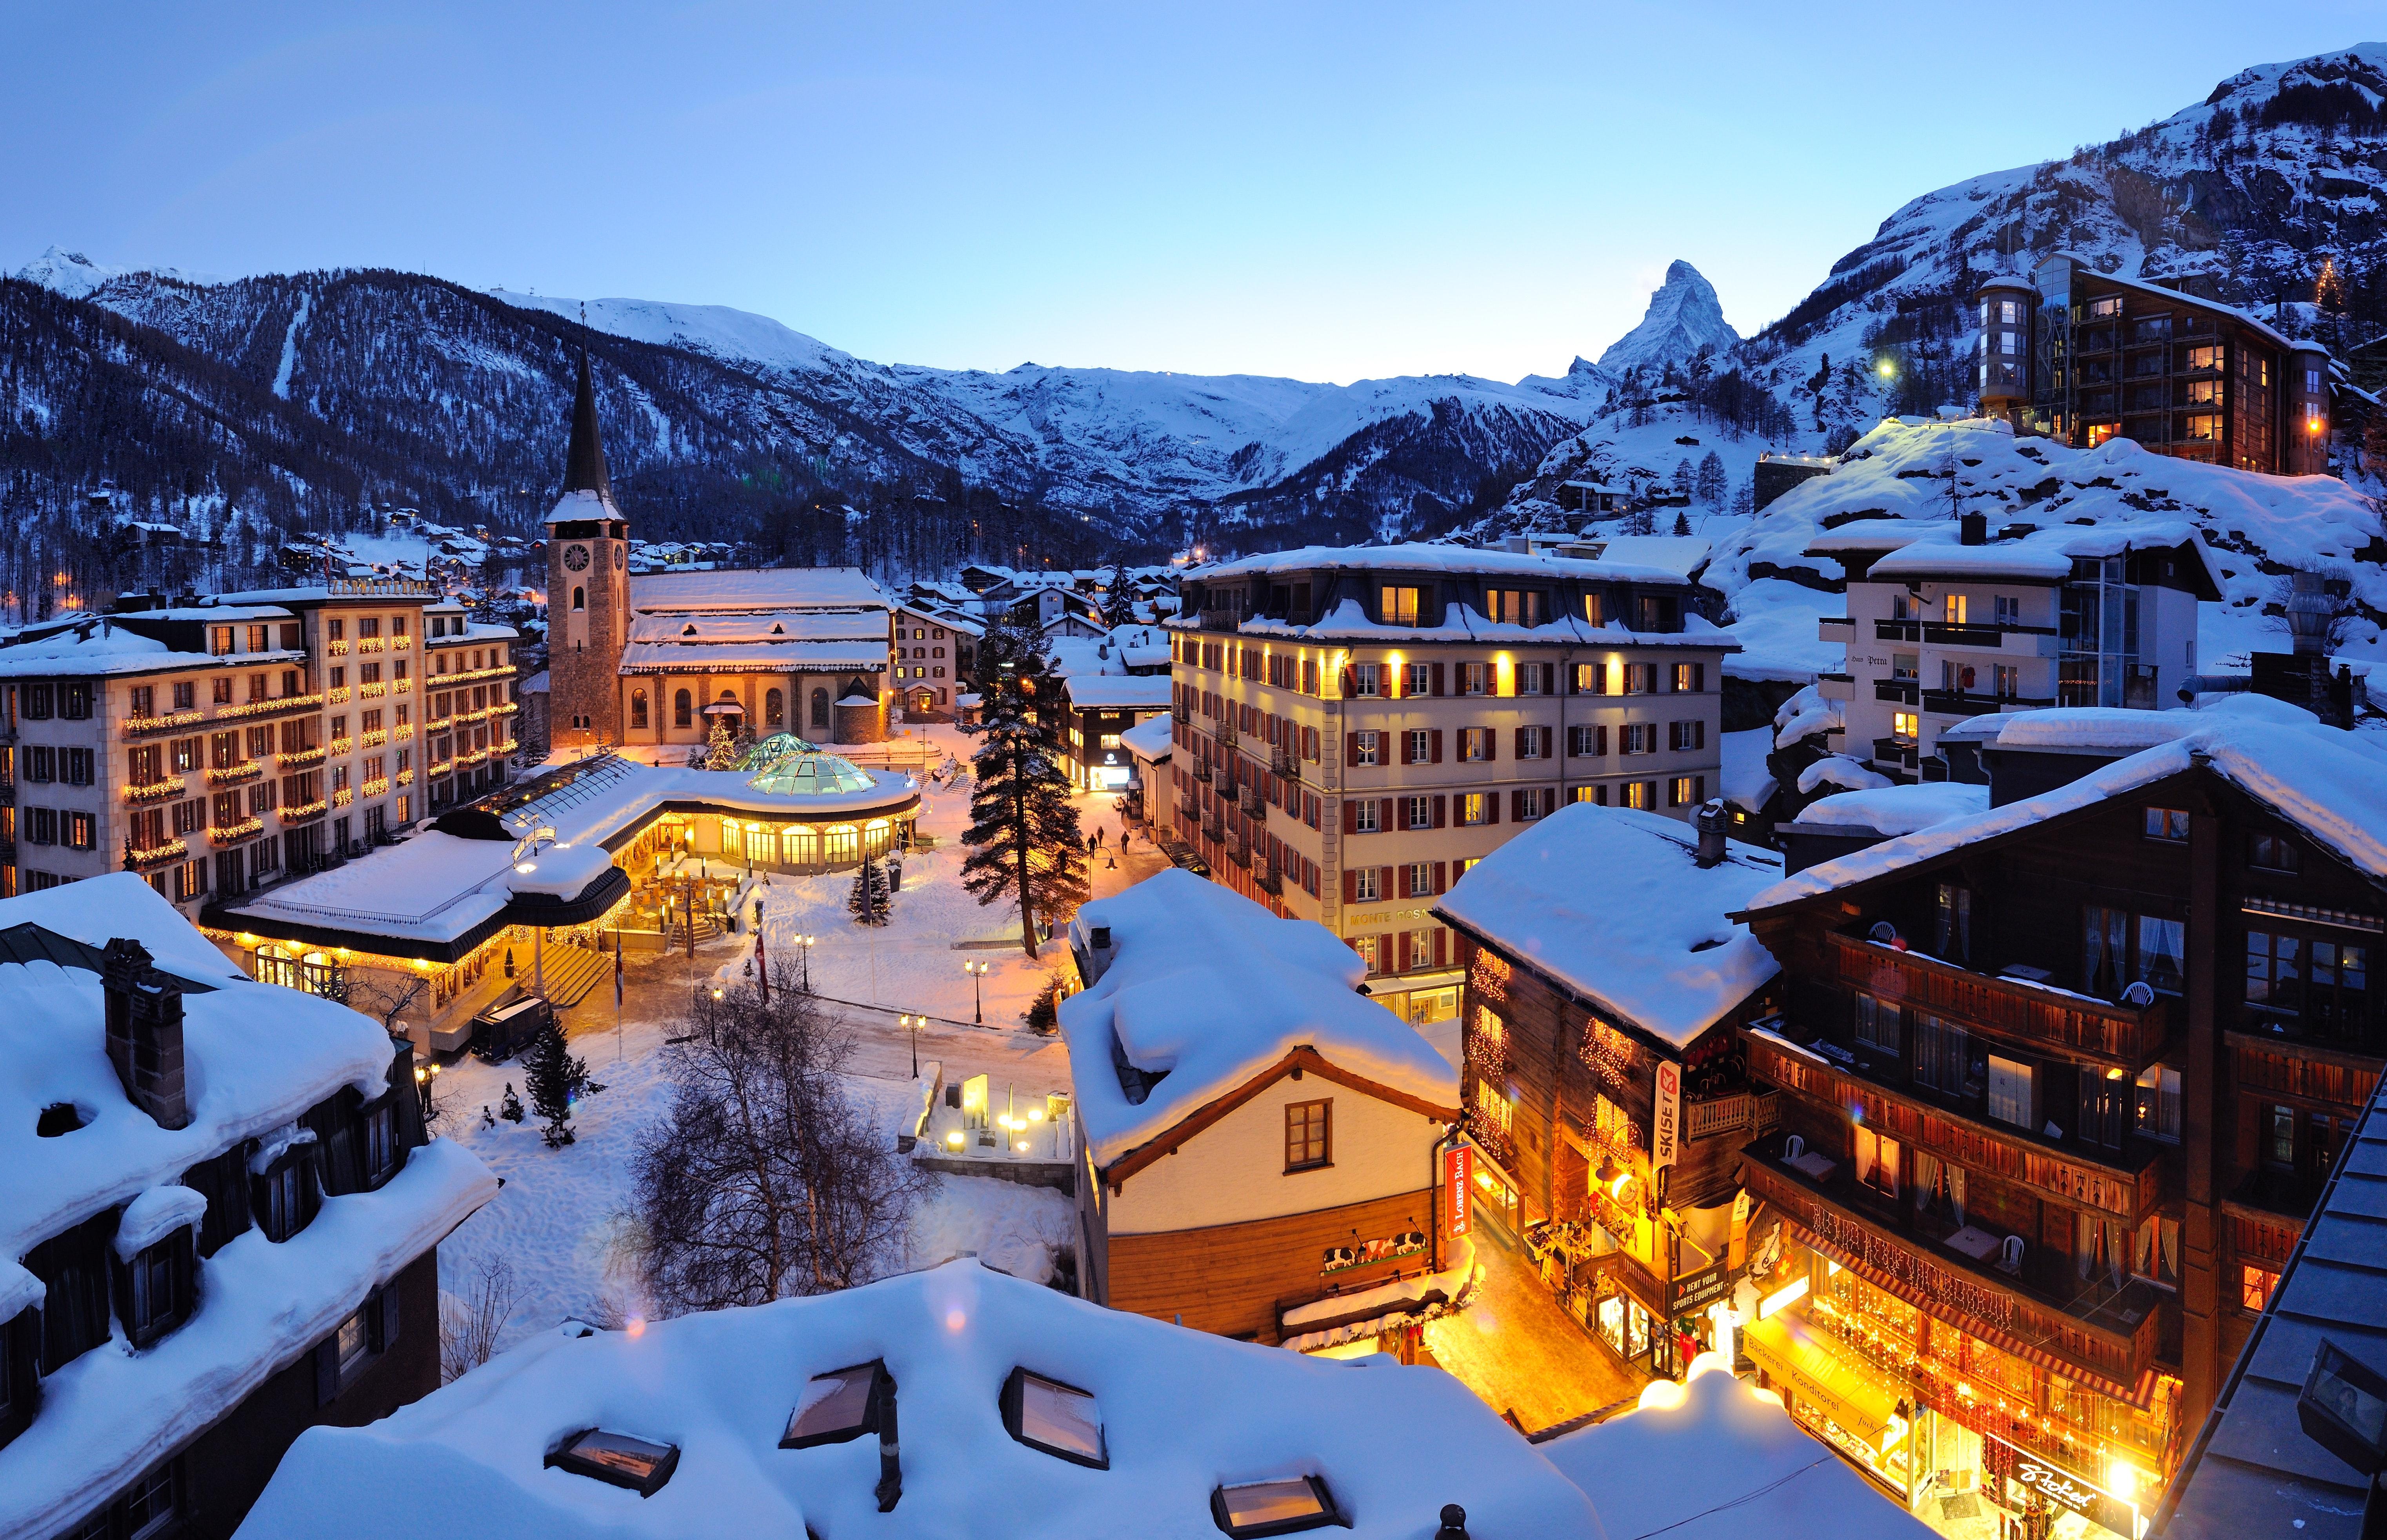 Winterstimmung: Grand Hotels im Dorfzentrum © Leander Wenger